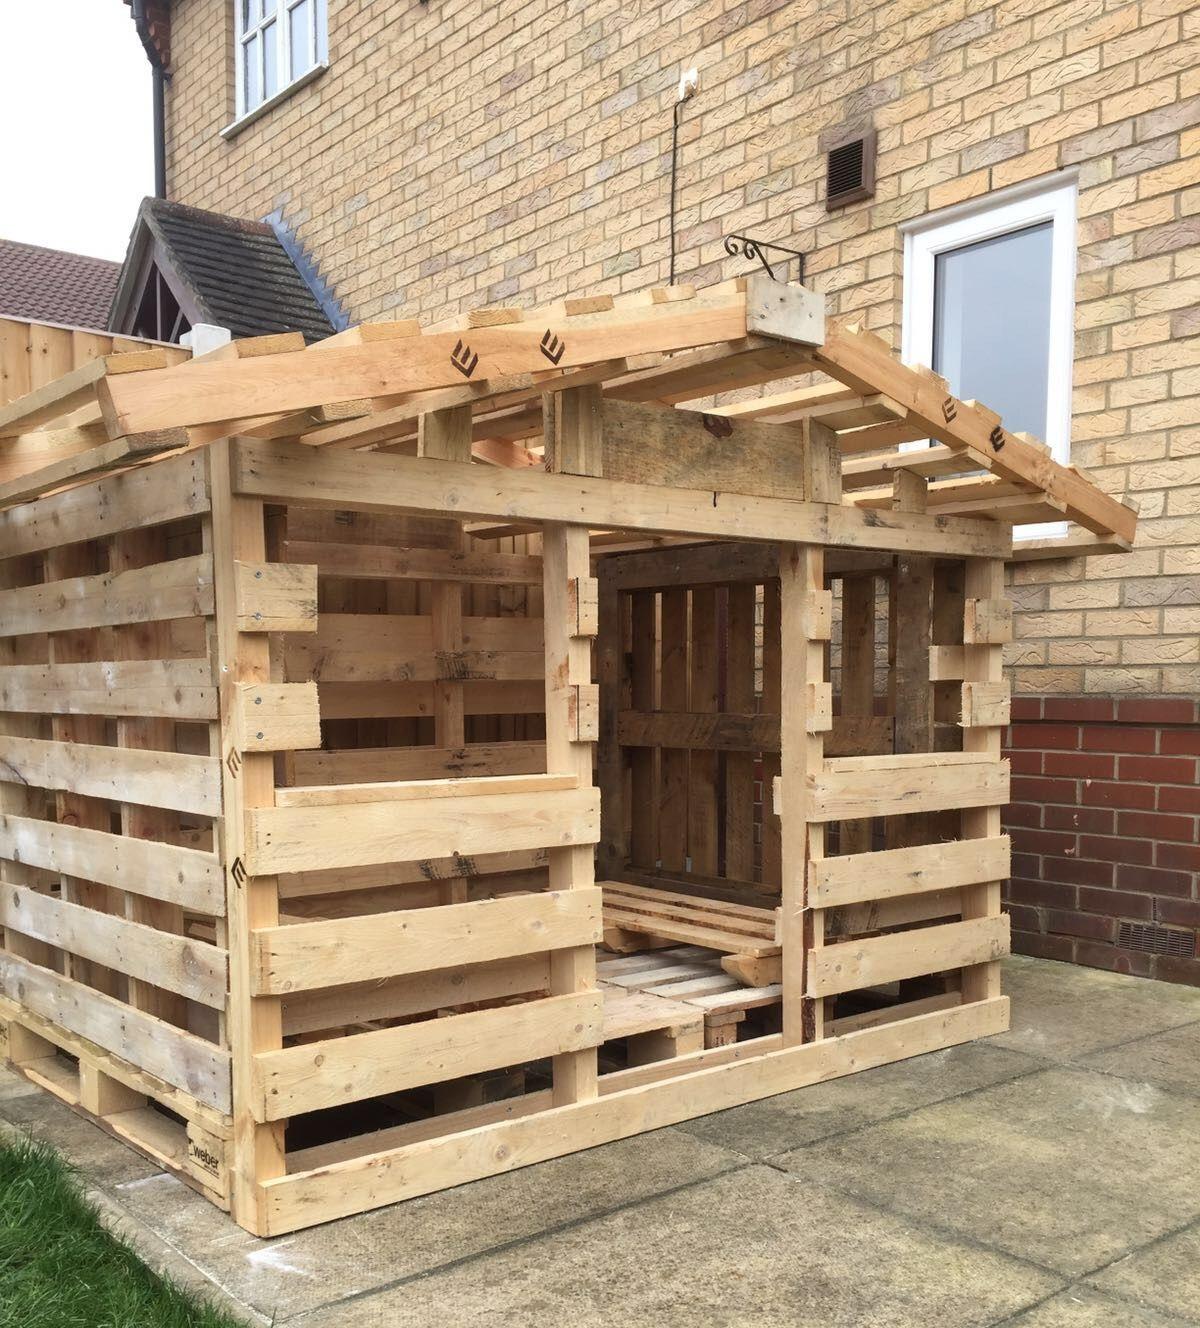 C mo hacer una caseta con palets de madera casetas - Cosas de madera para hacer ...